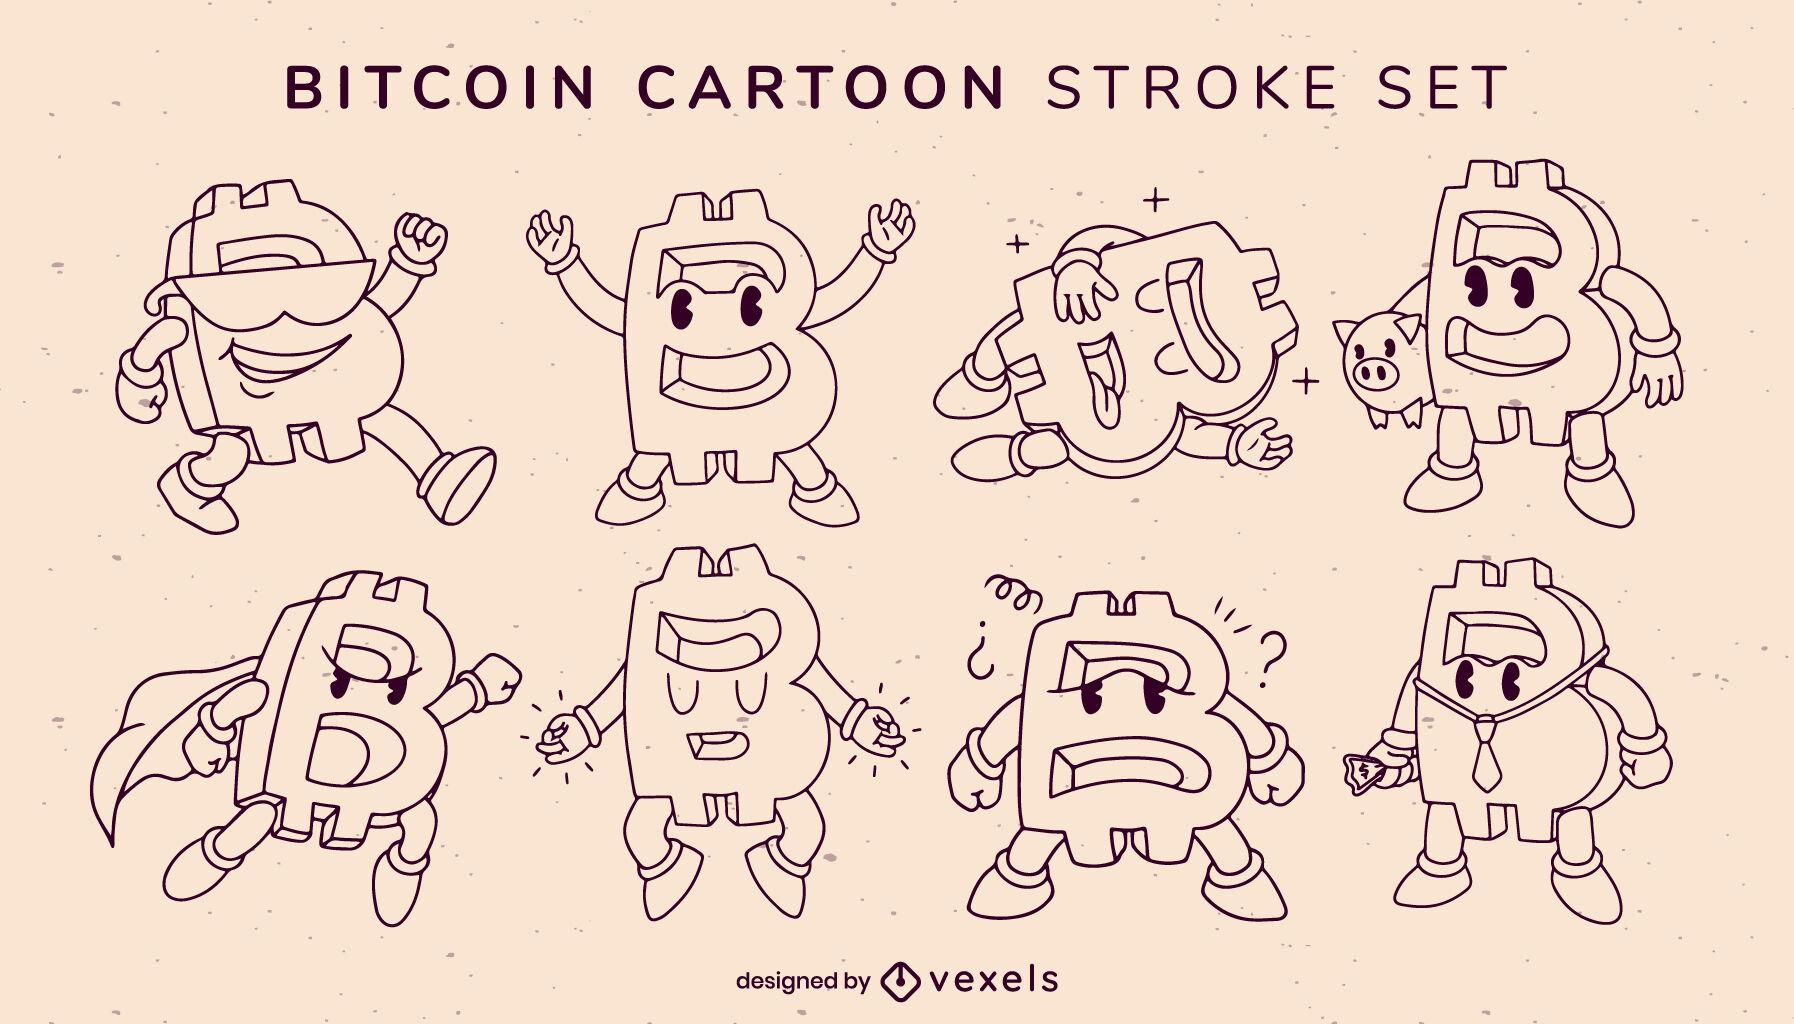 Bitcoin cartoon stroke characters set